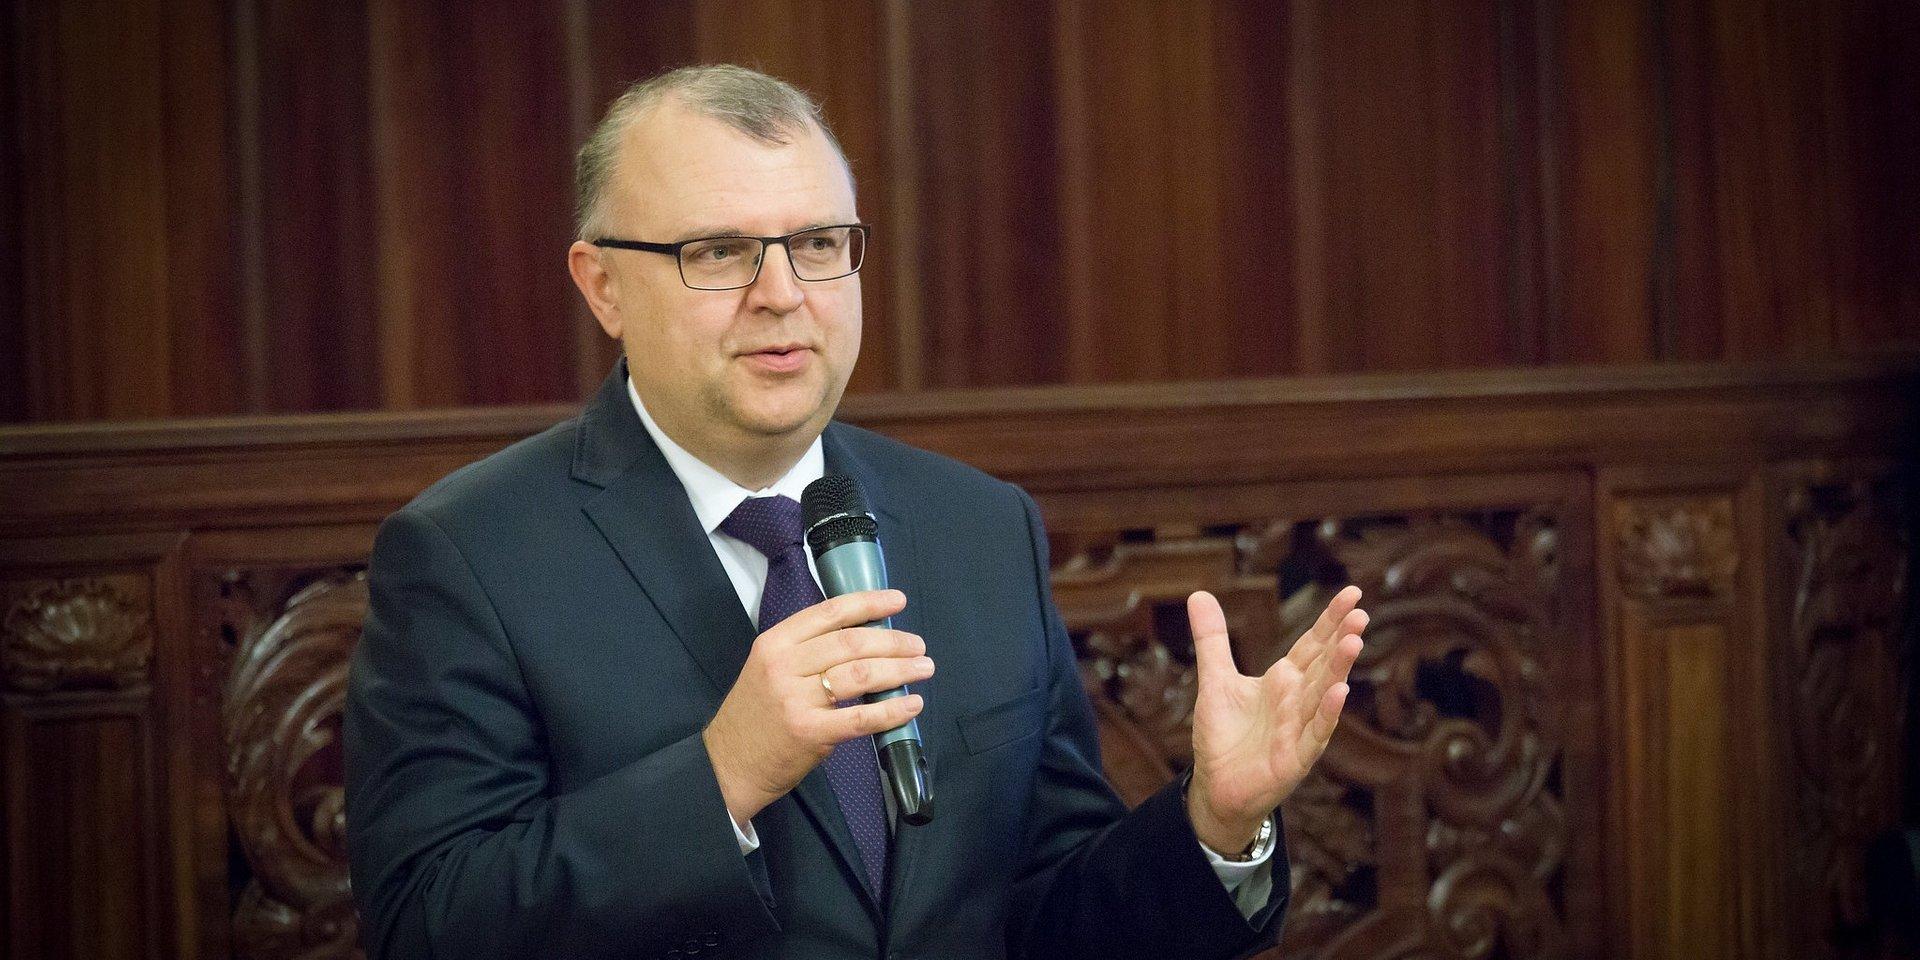 Walka z totalitaryzmem i wolność religijna - webinar z udziałem ECBU UŁ